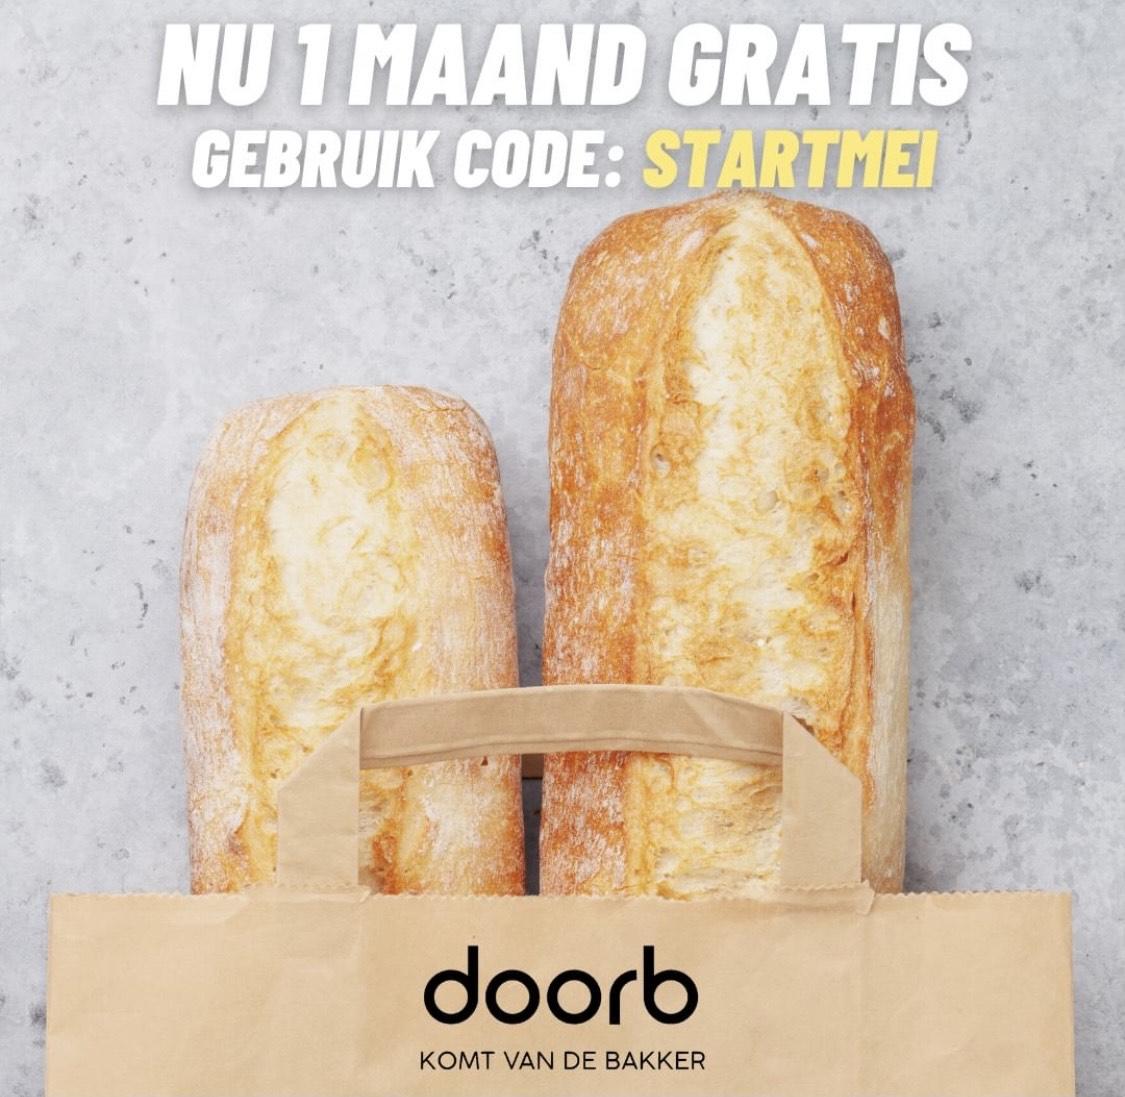 Gratis dagelijkse bezorging van vers brood van jouw lokale bakker aan huis!